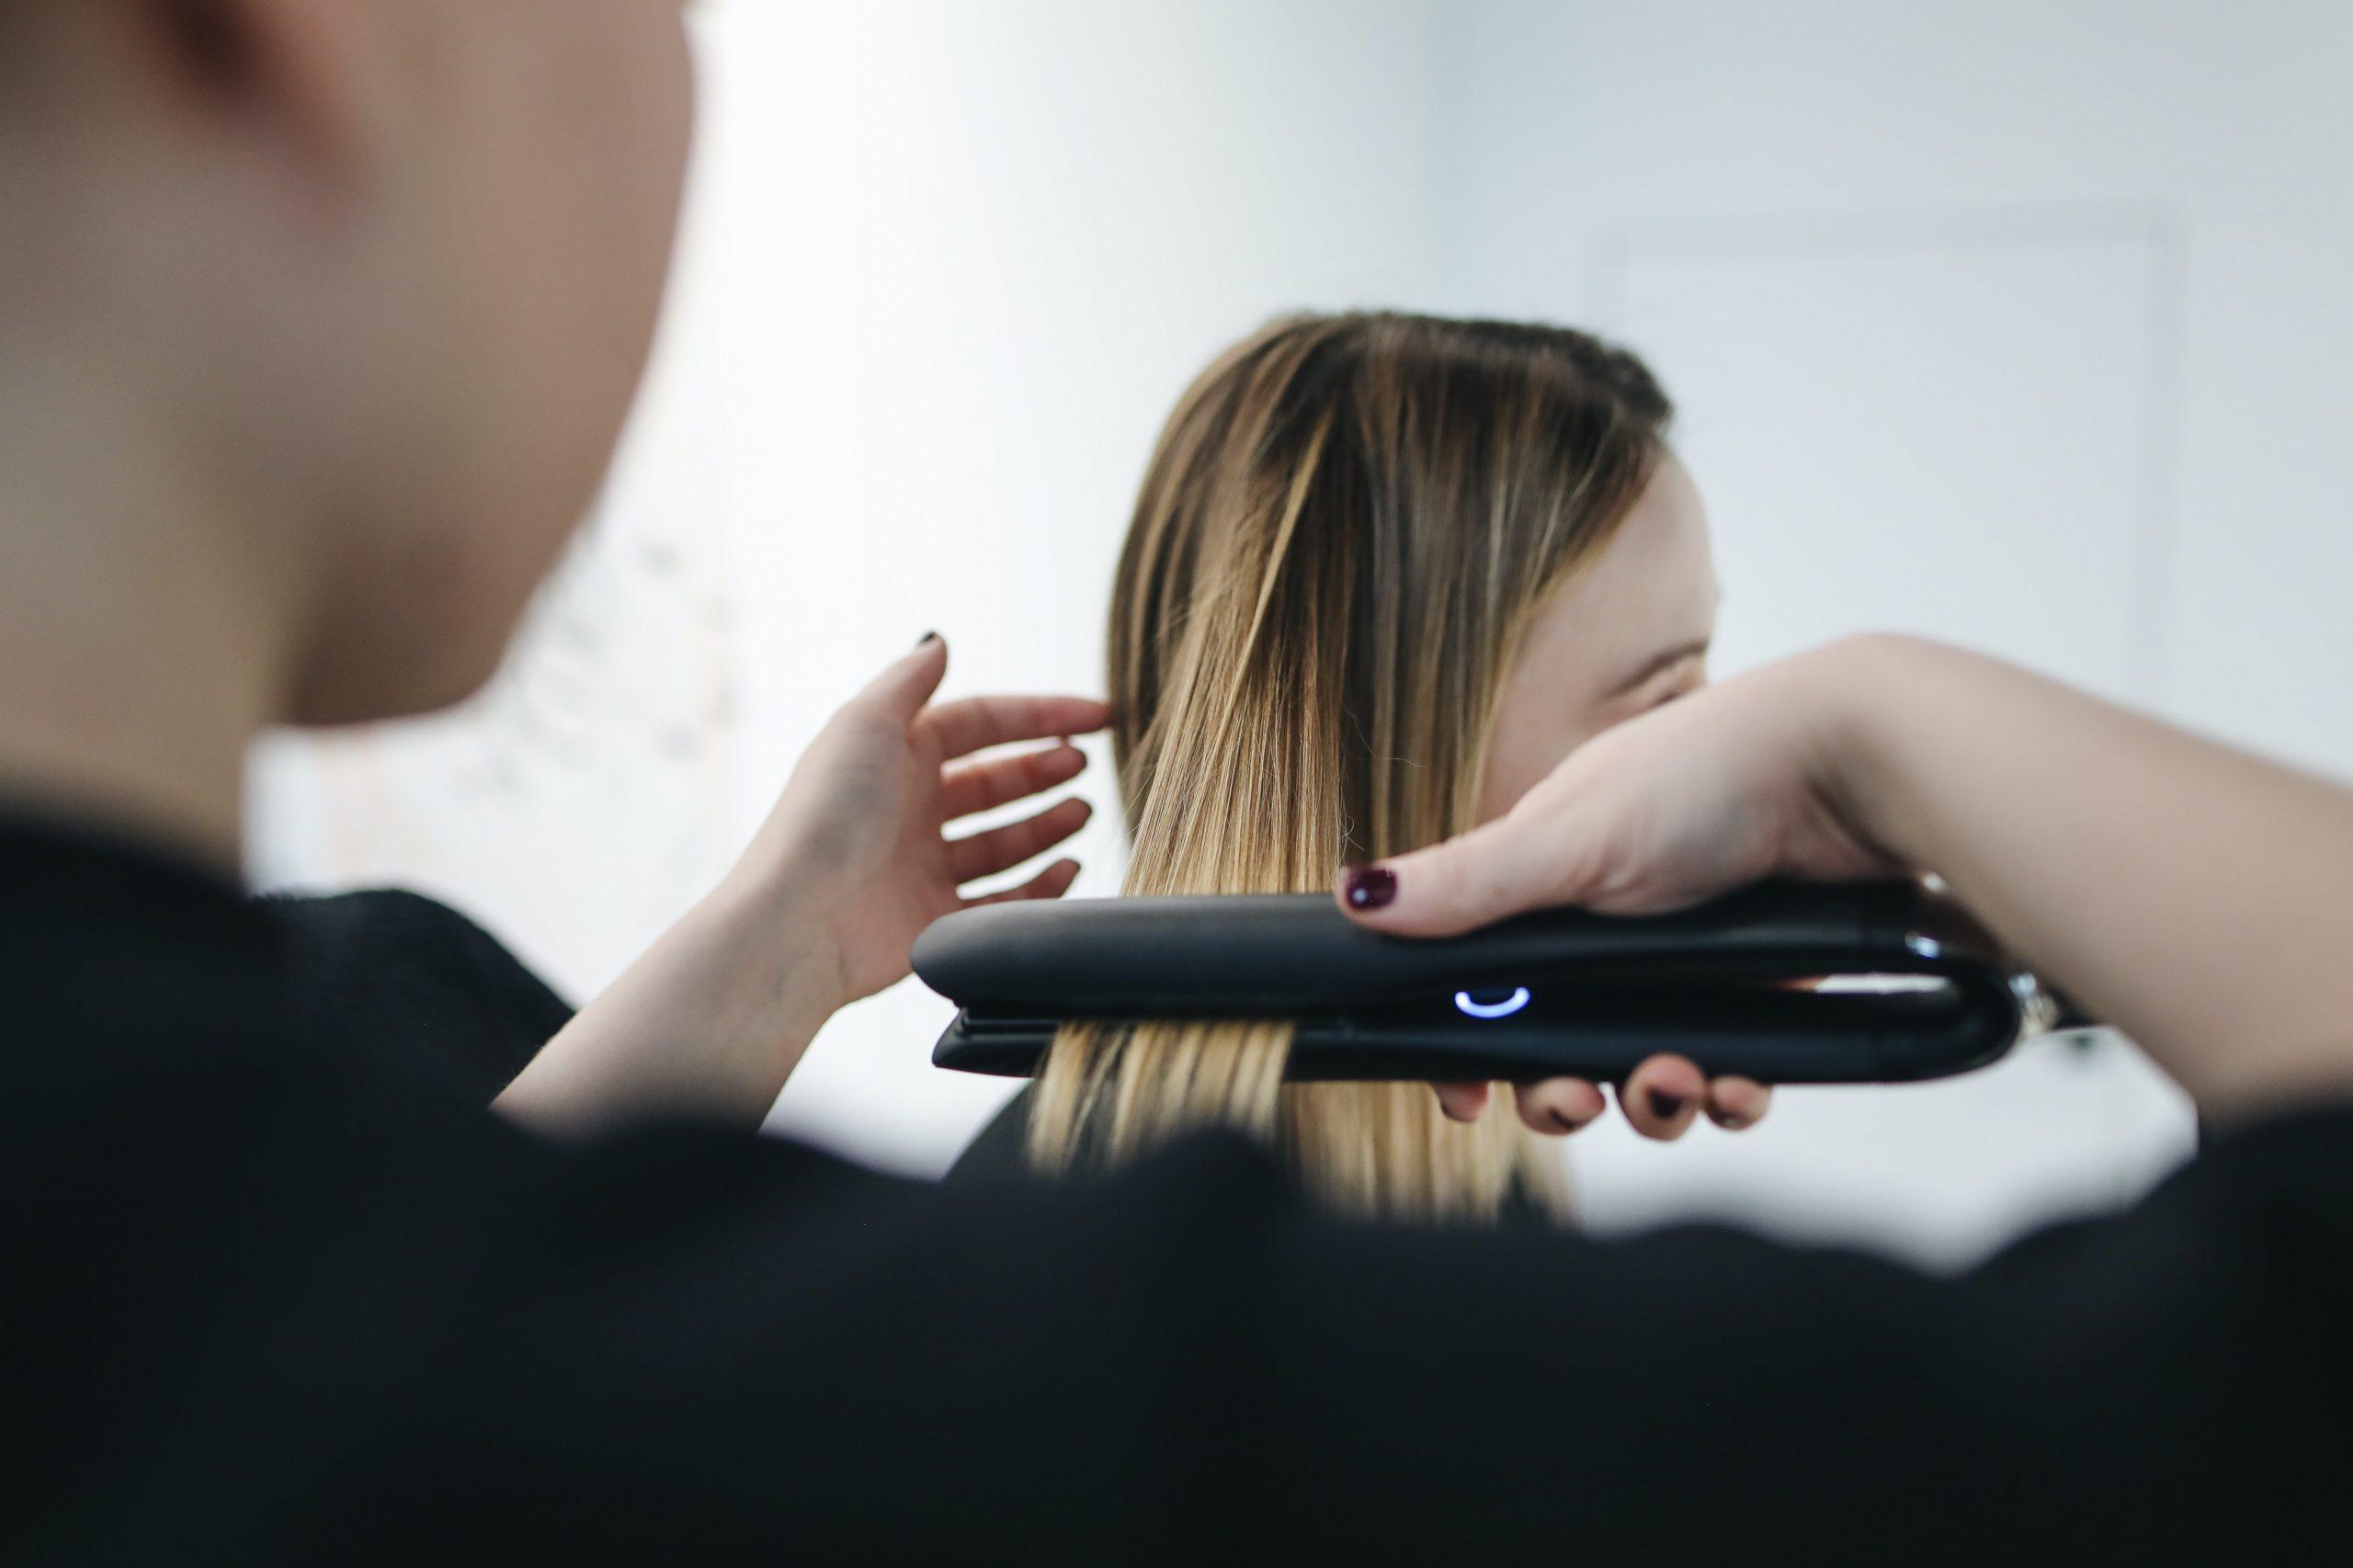 Imagem de um cabeleireiro alisando o cabelo de uma cliente.